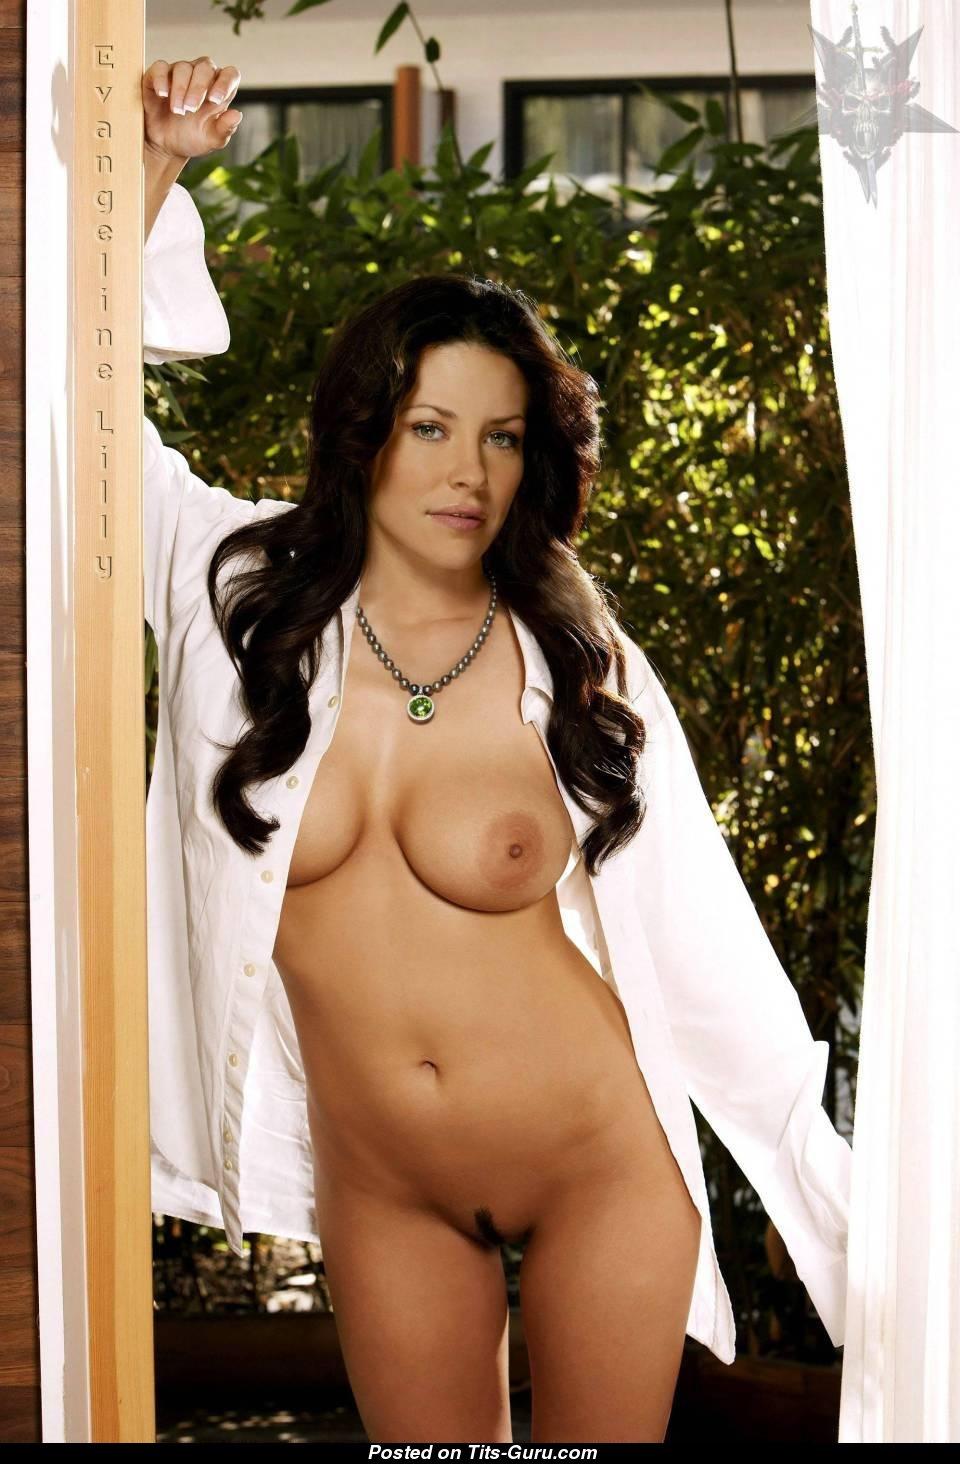 Sex evangeline lilly Evangeline Lilly